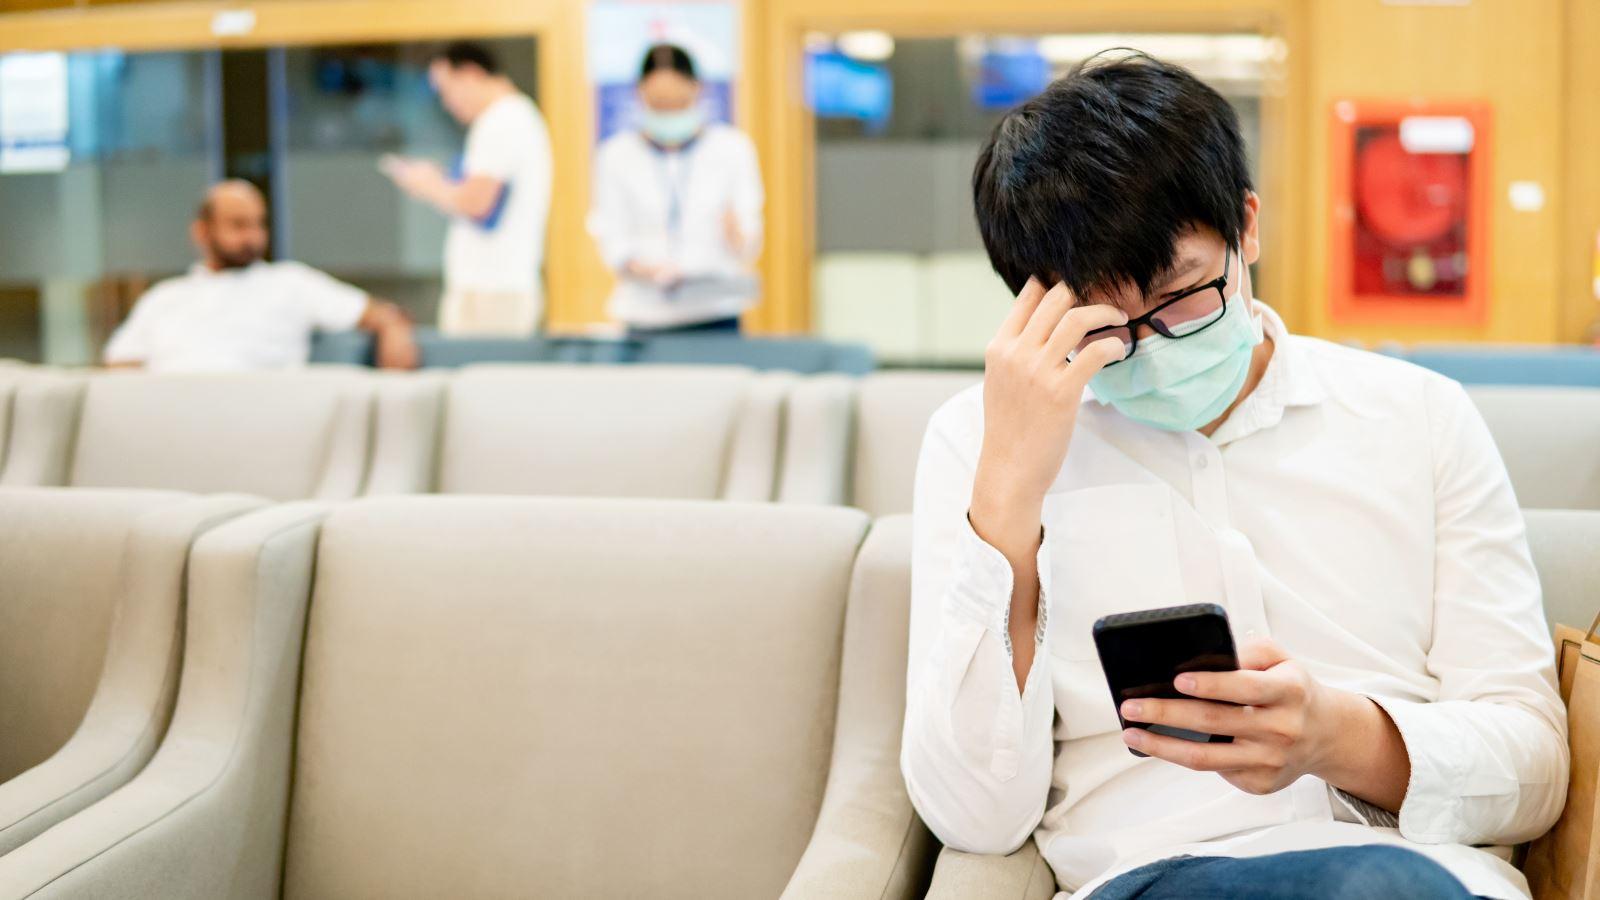 תיירים מדרום קוריאה שביקרו בפארק תמנע אובחנו כנגועים בקורונה